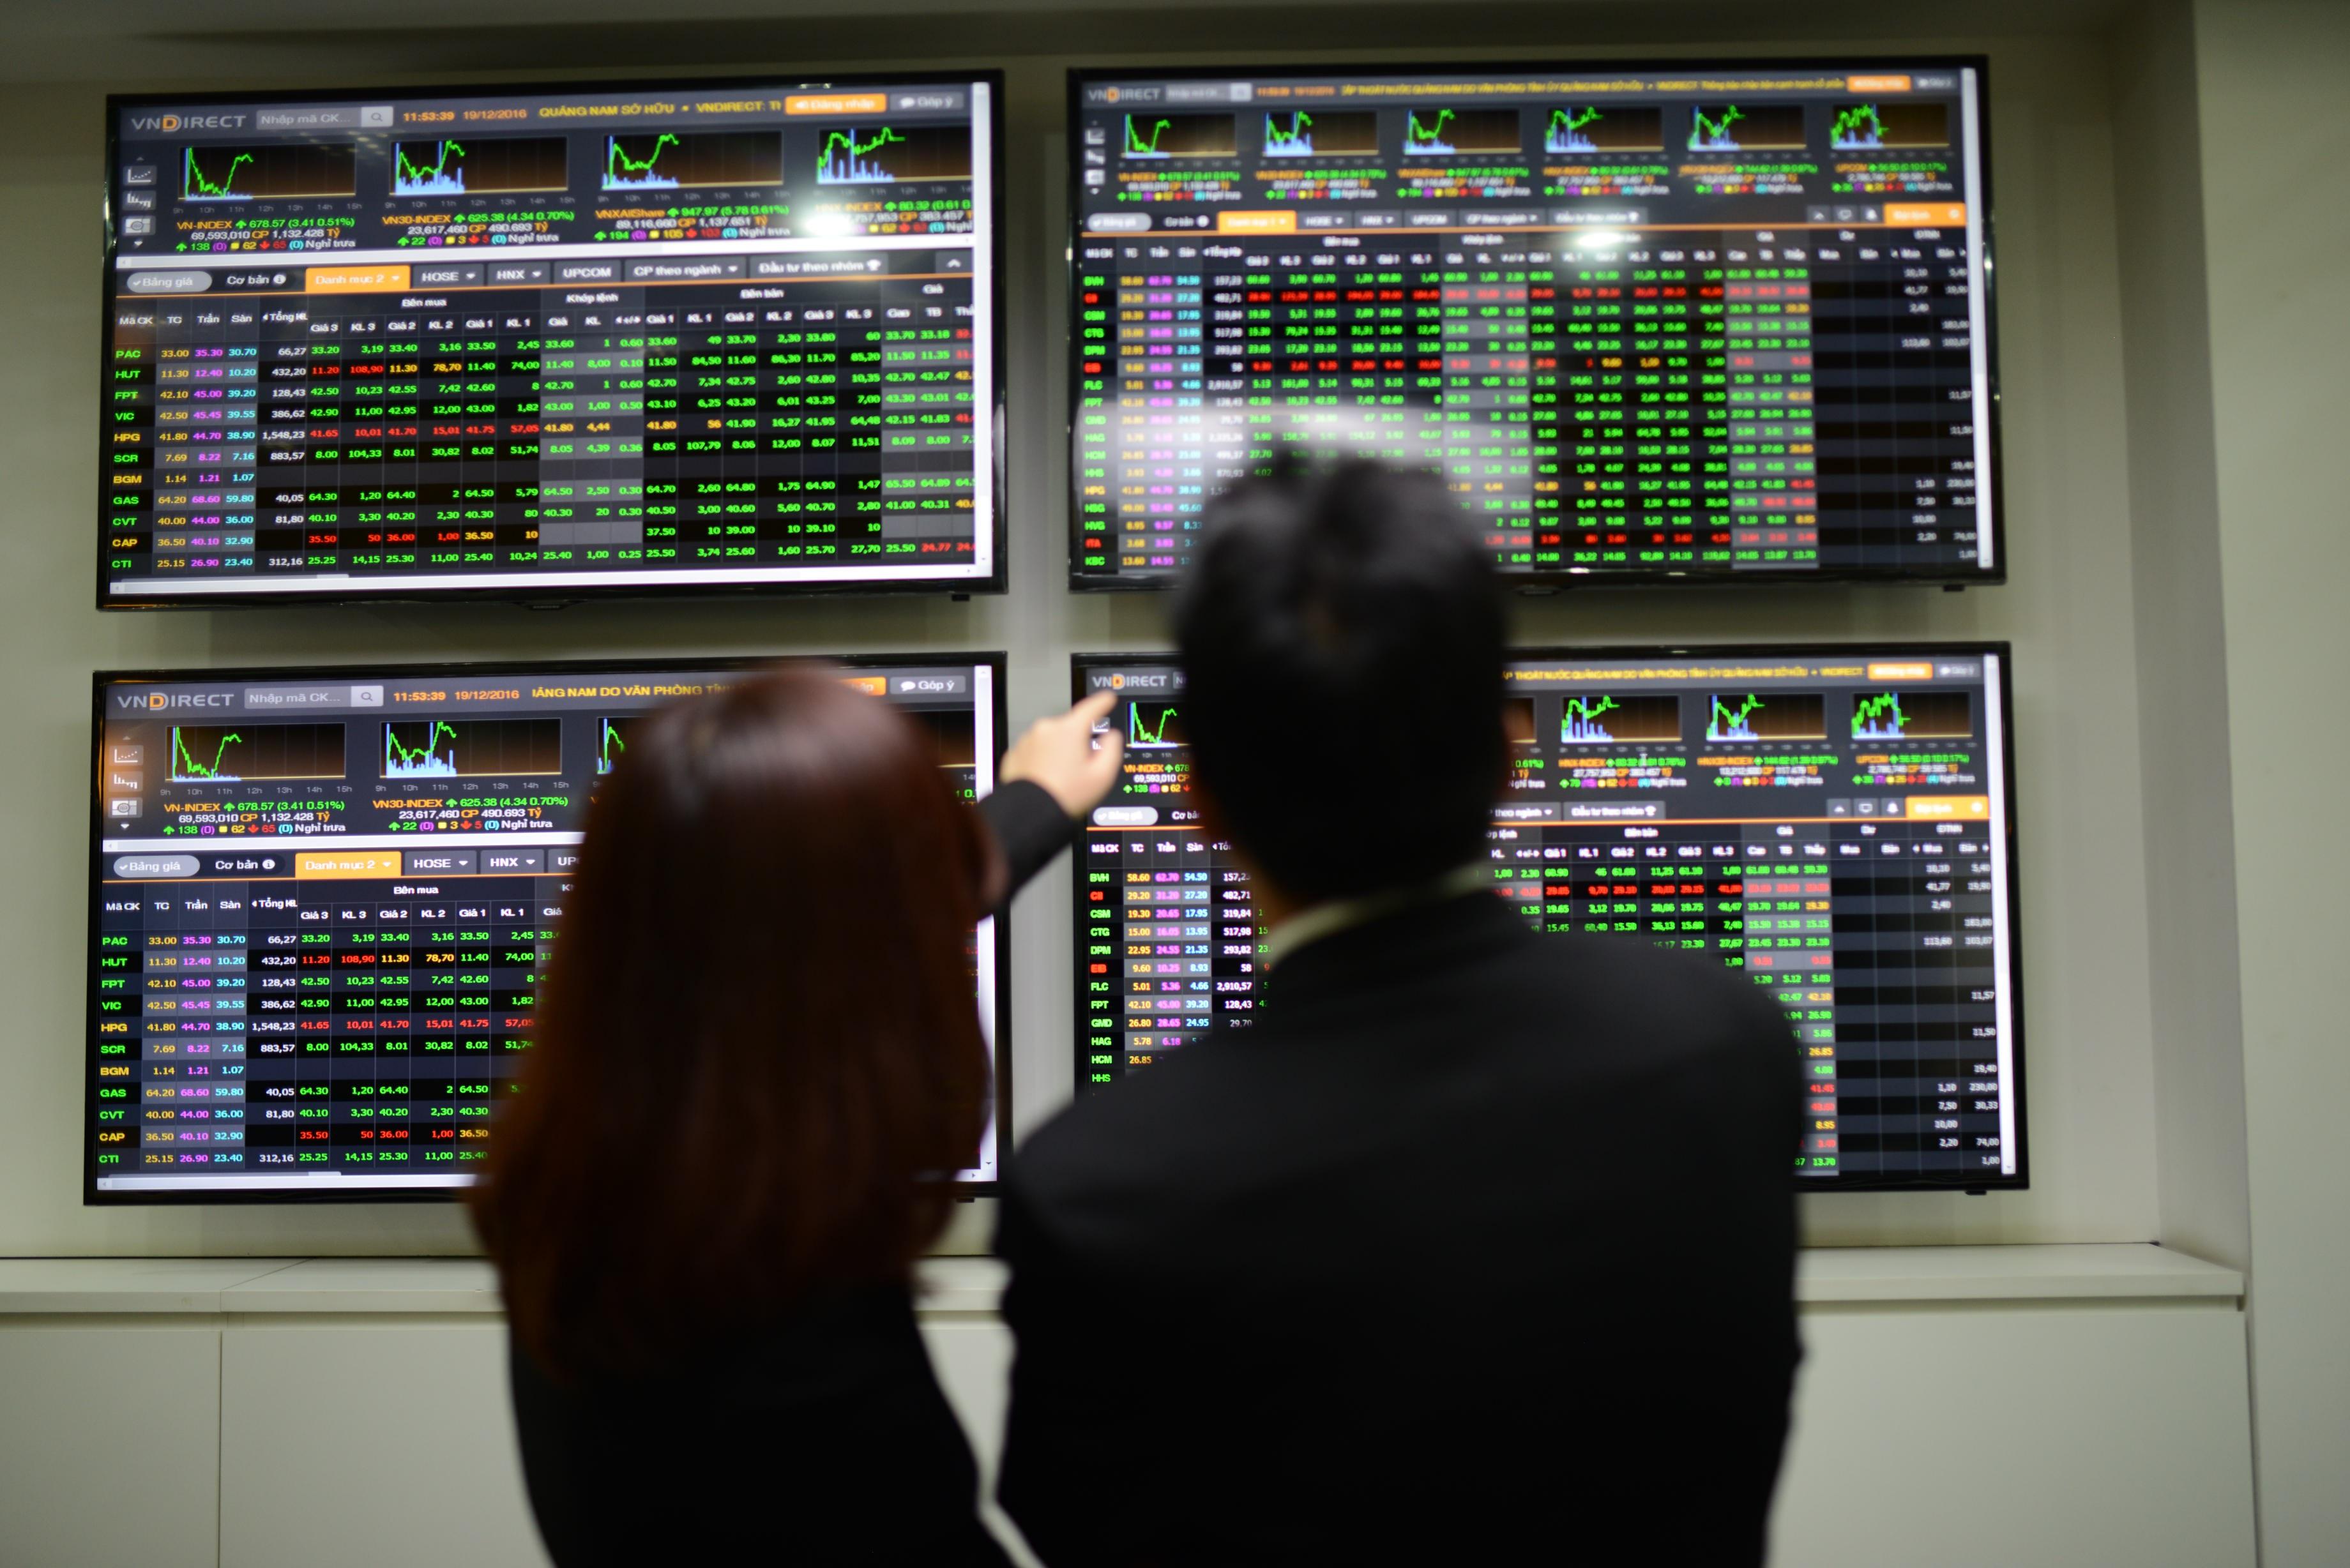 Thị trường nín thở với bầu cử Tổng thống Mỹ, cổ phiếu ngân hàng vẫn bứt tốc